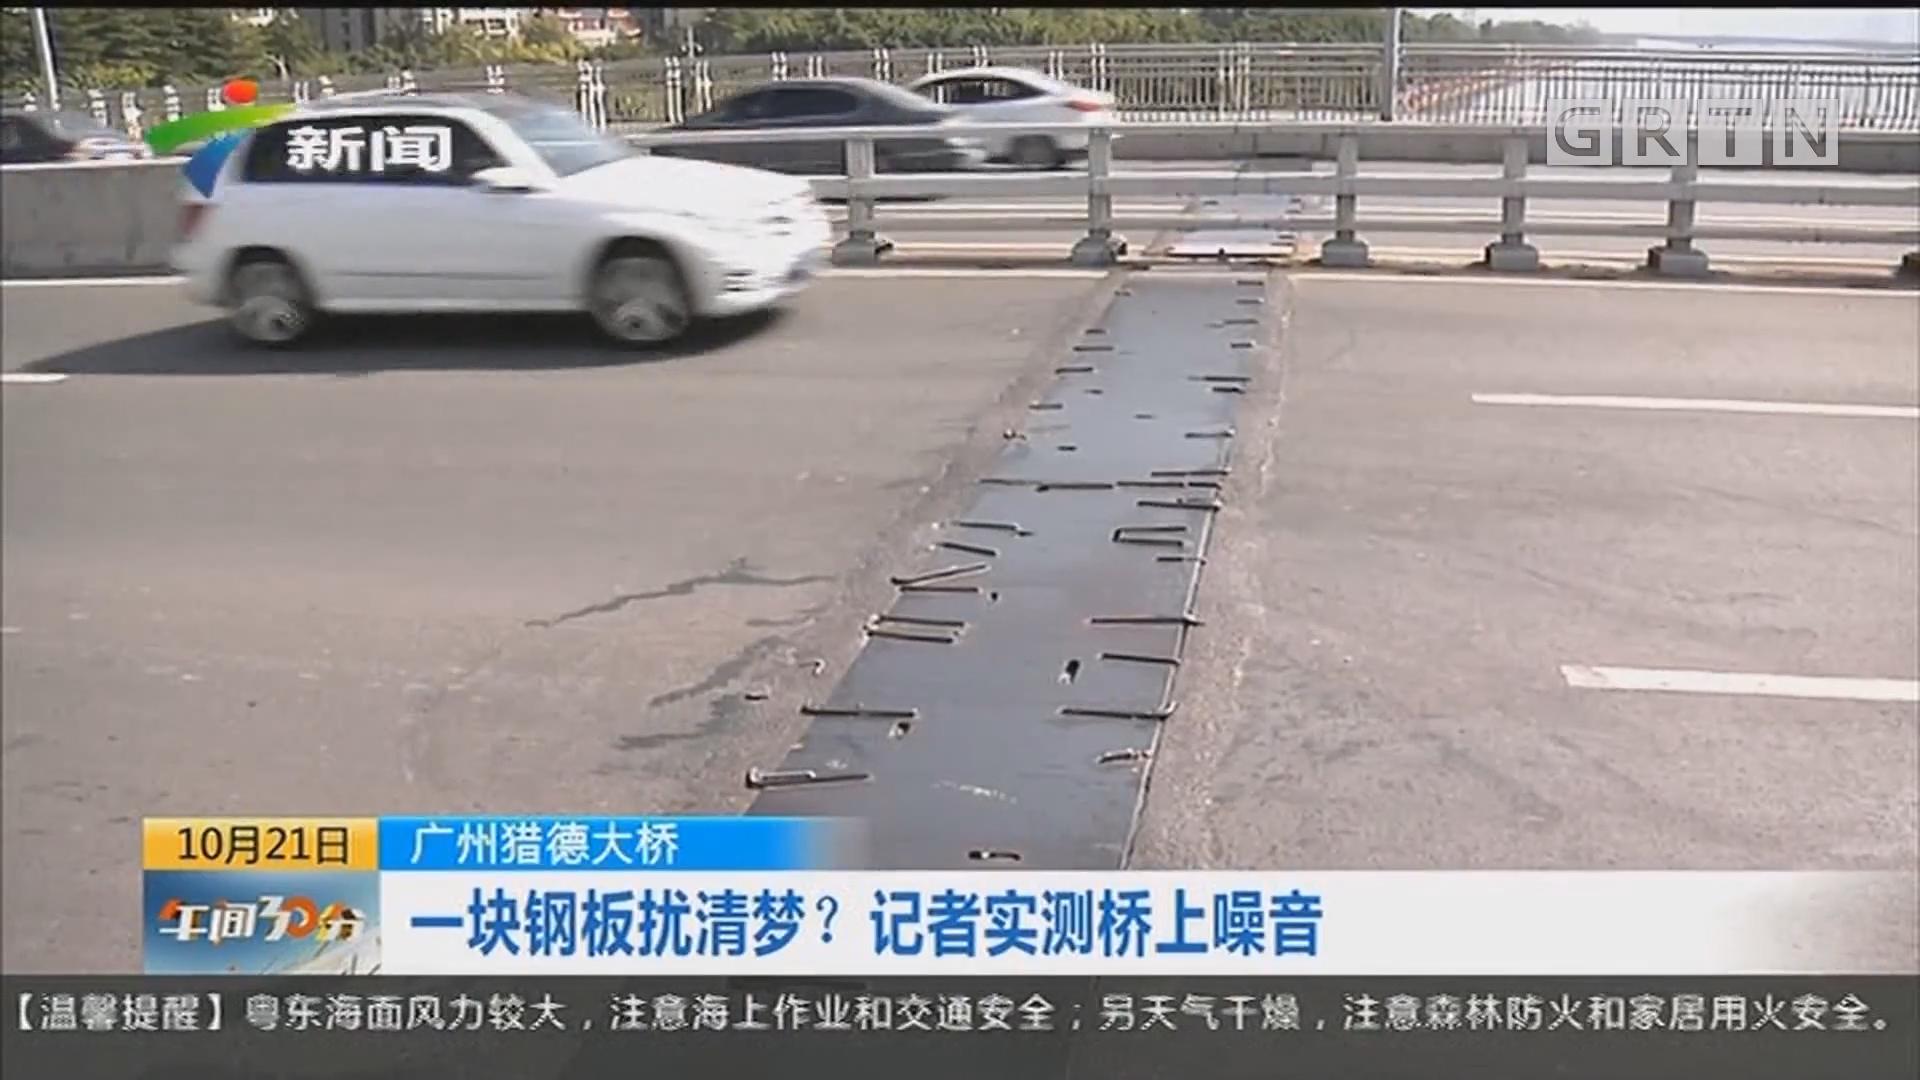 广州猎德大桥:一块钢板扰清梦?记者实测桥上噪音